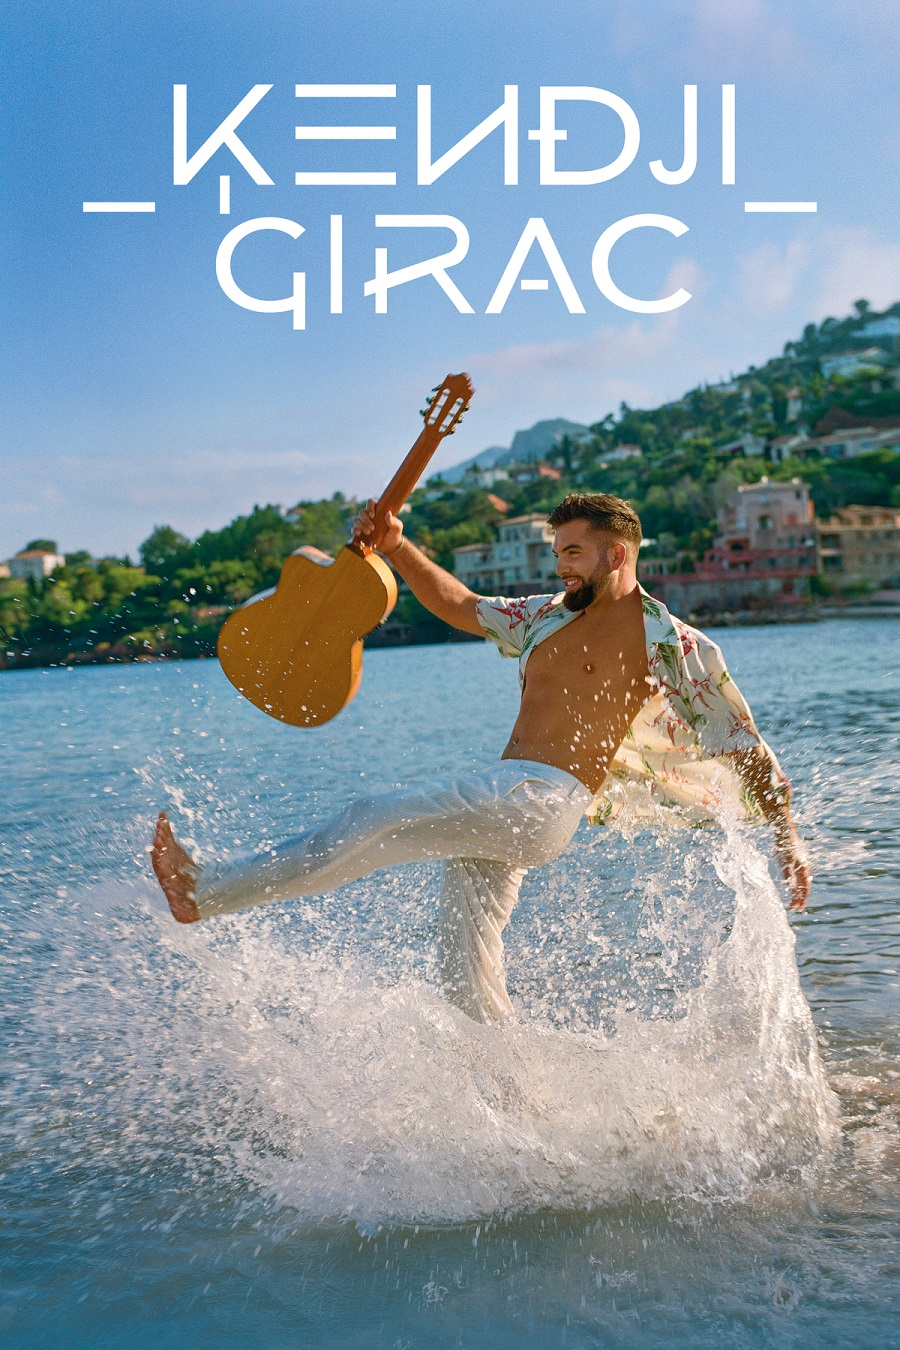 Kendji Girac - LIMOGES